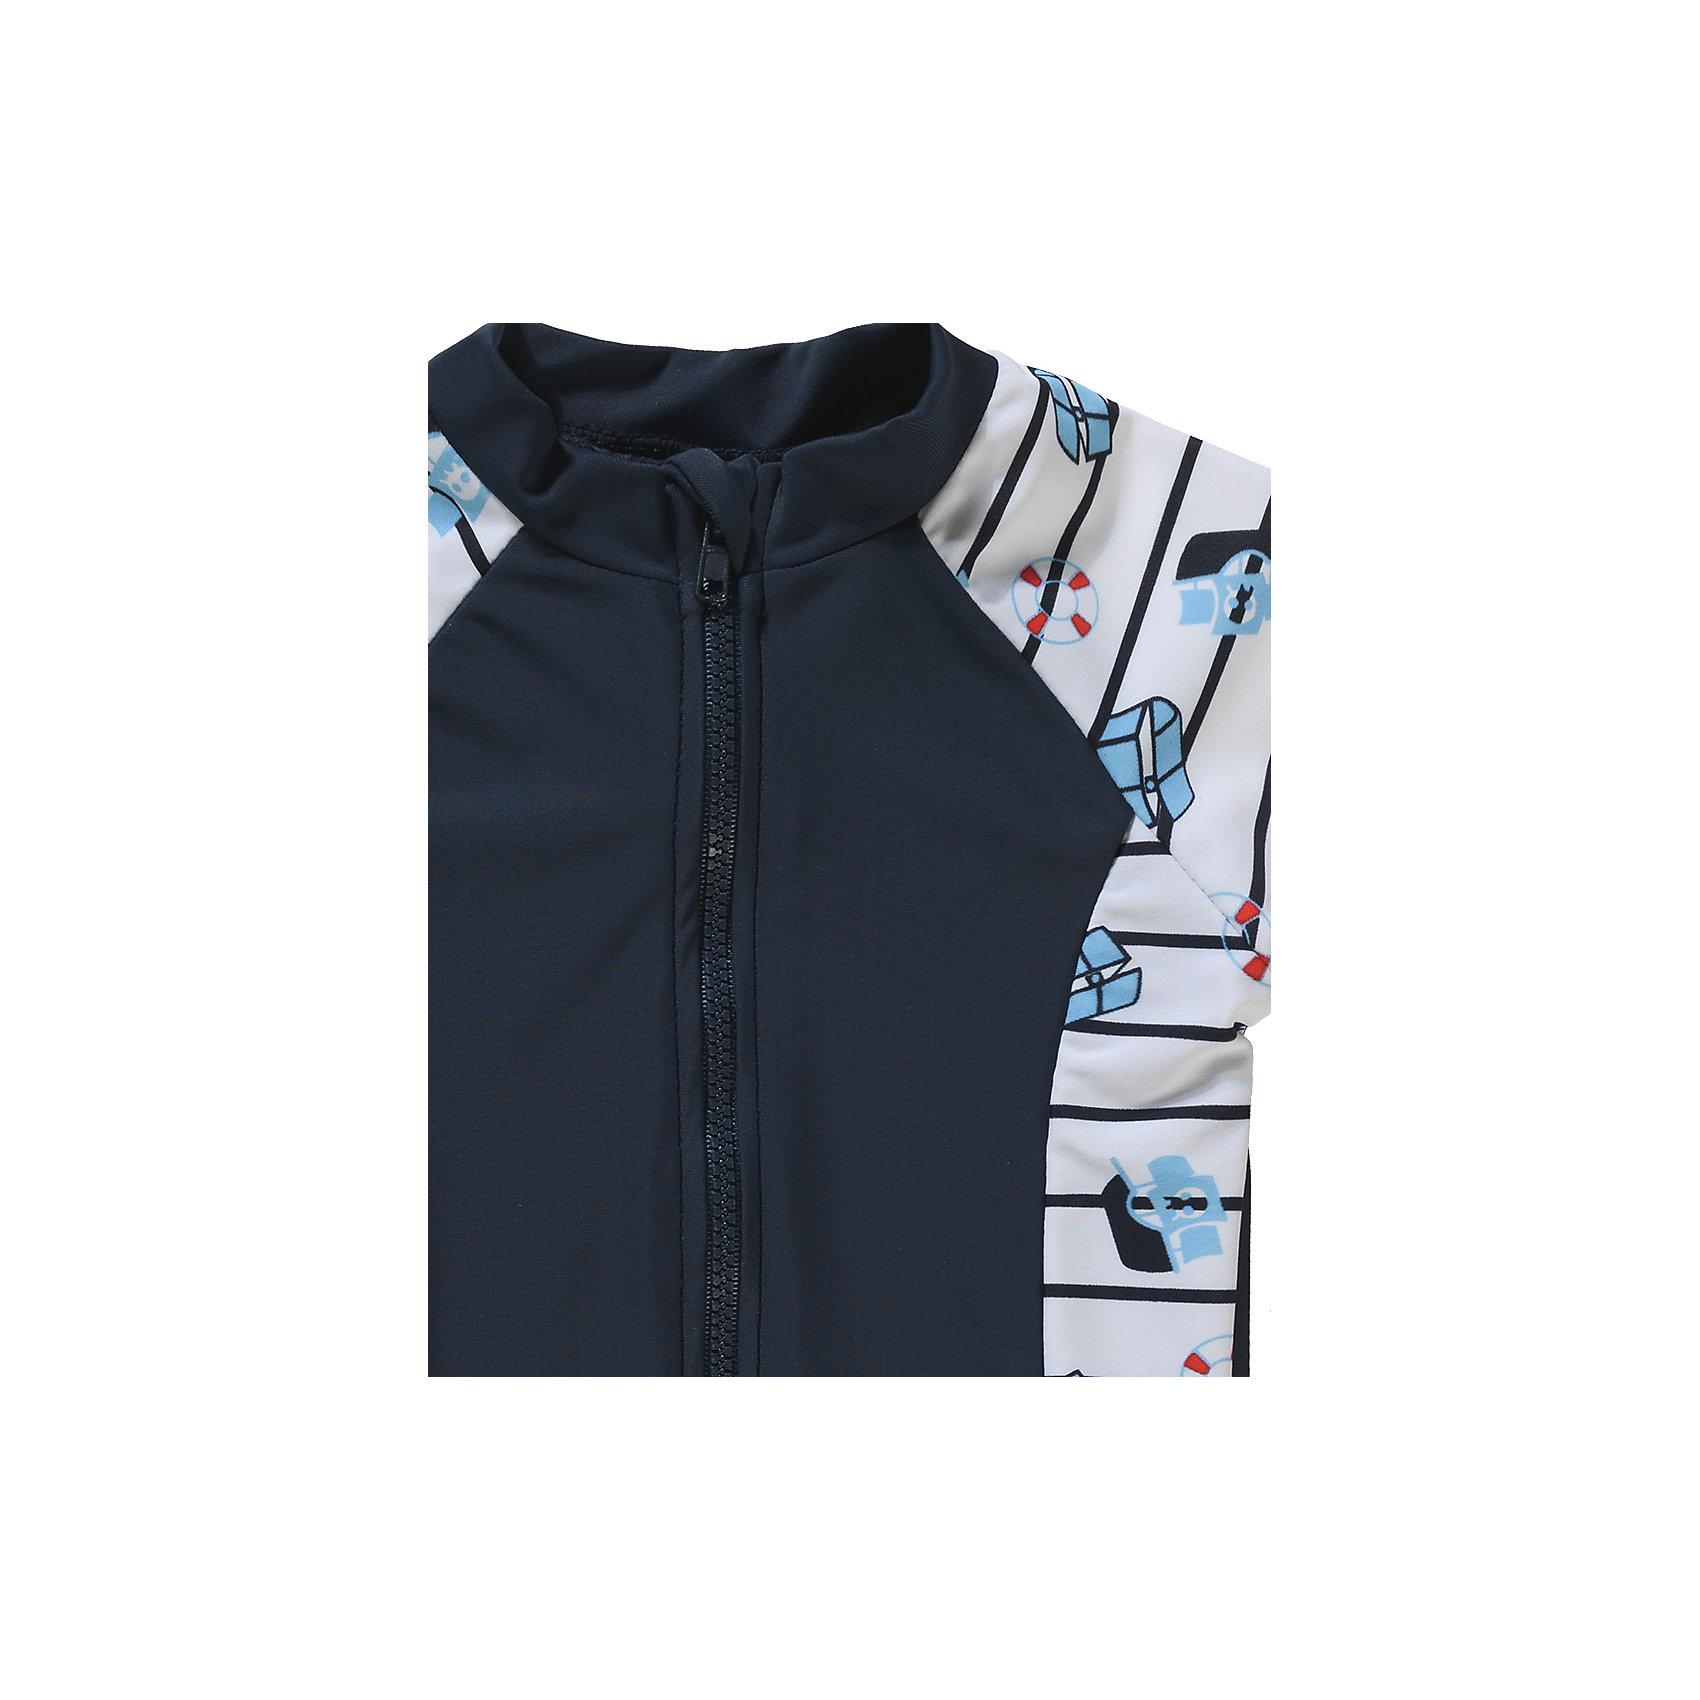 für Jungen 8880092 für Jungen Neu Sterntaler Baby Schwimmanzug mit UV-Schutz 50